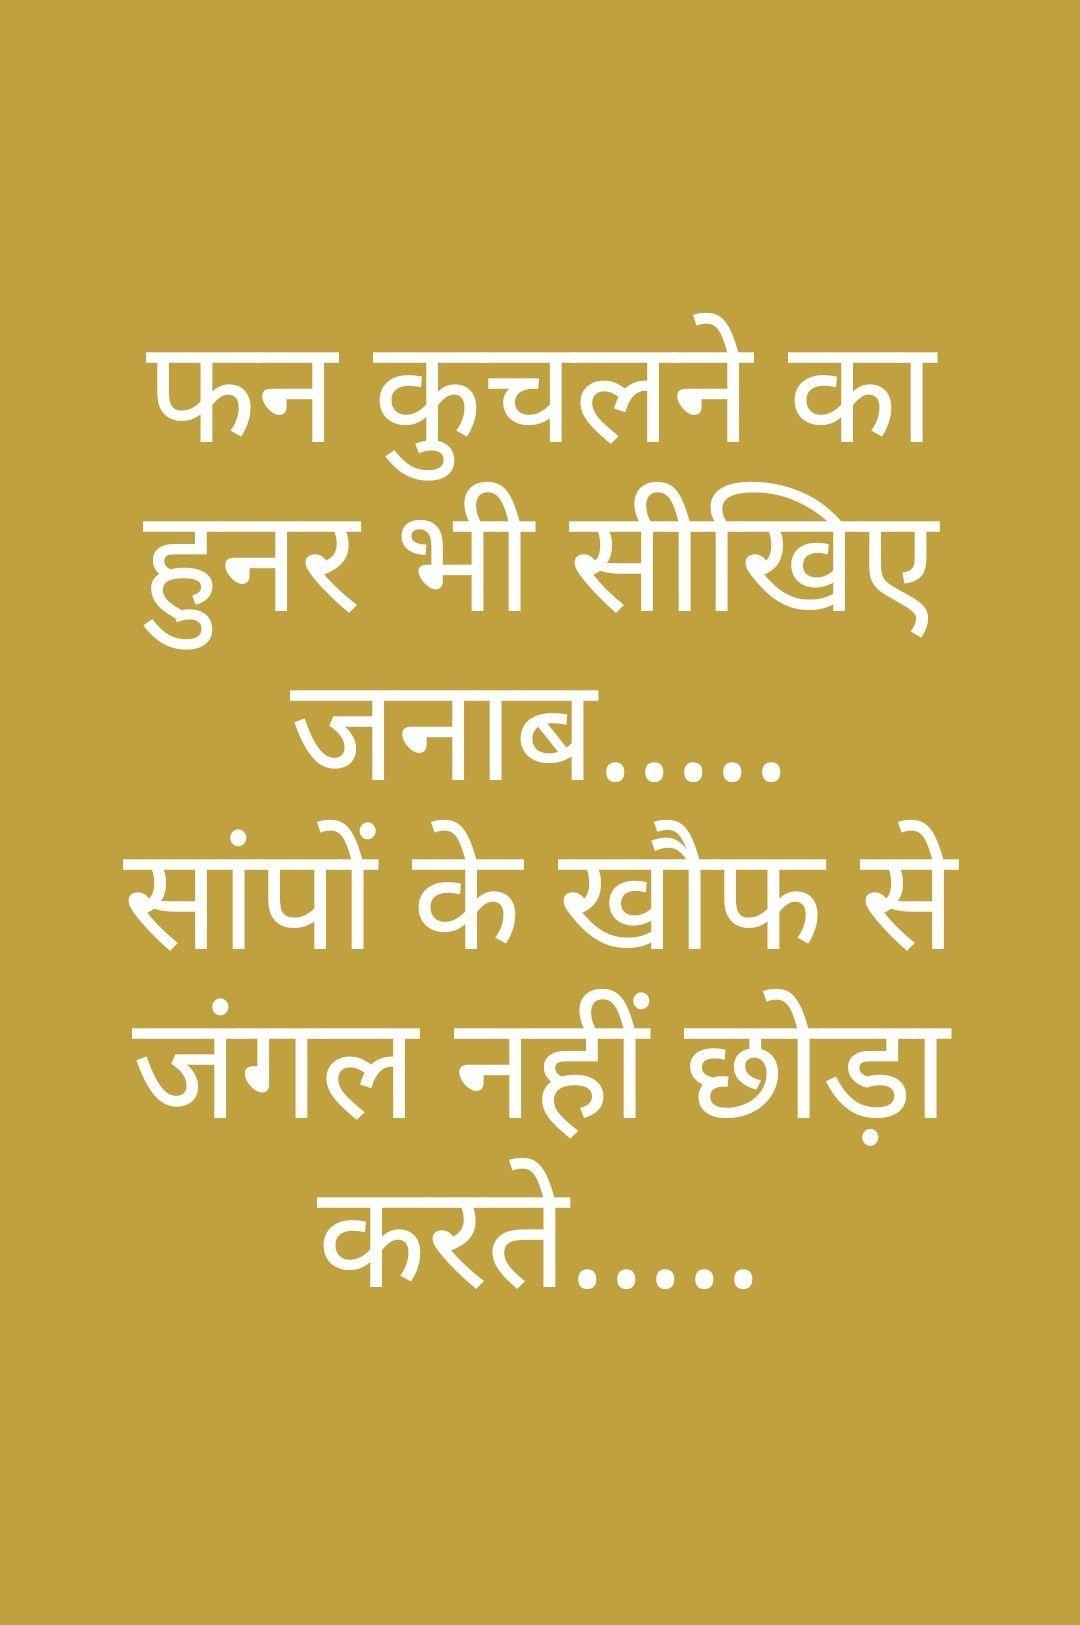 Umair Khan Inspiratiomal Quotes Zindagi Quotes Motivatinal Quotes